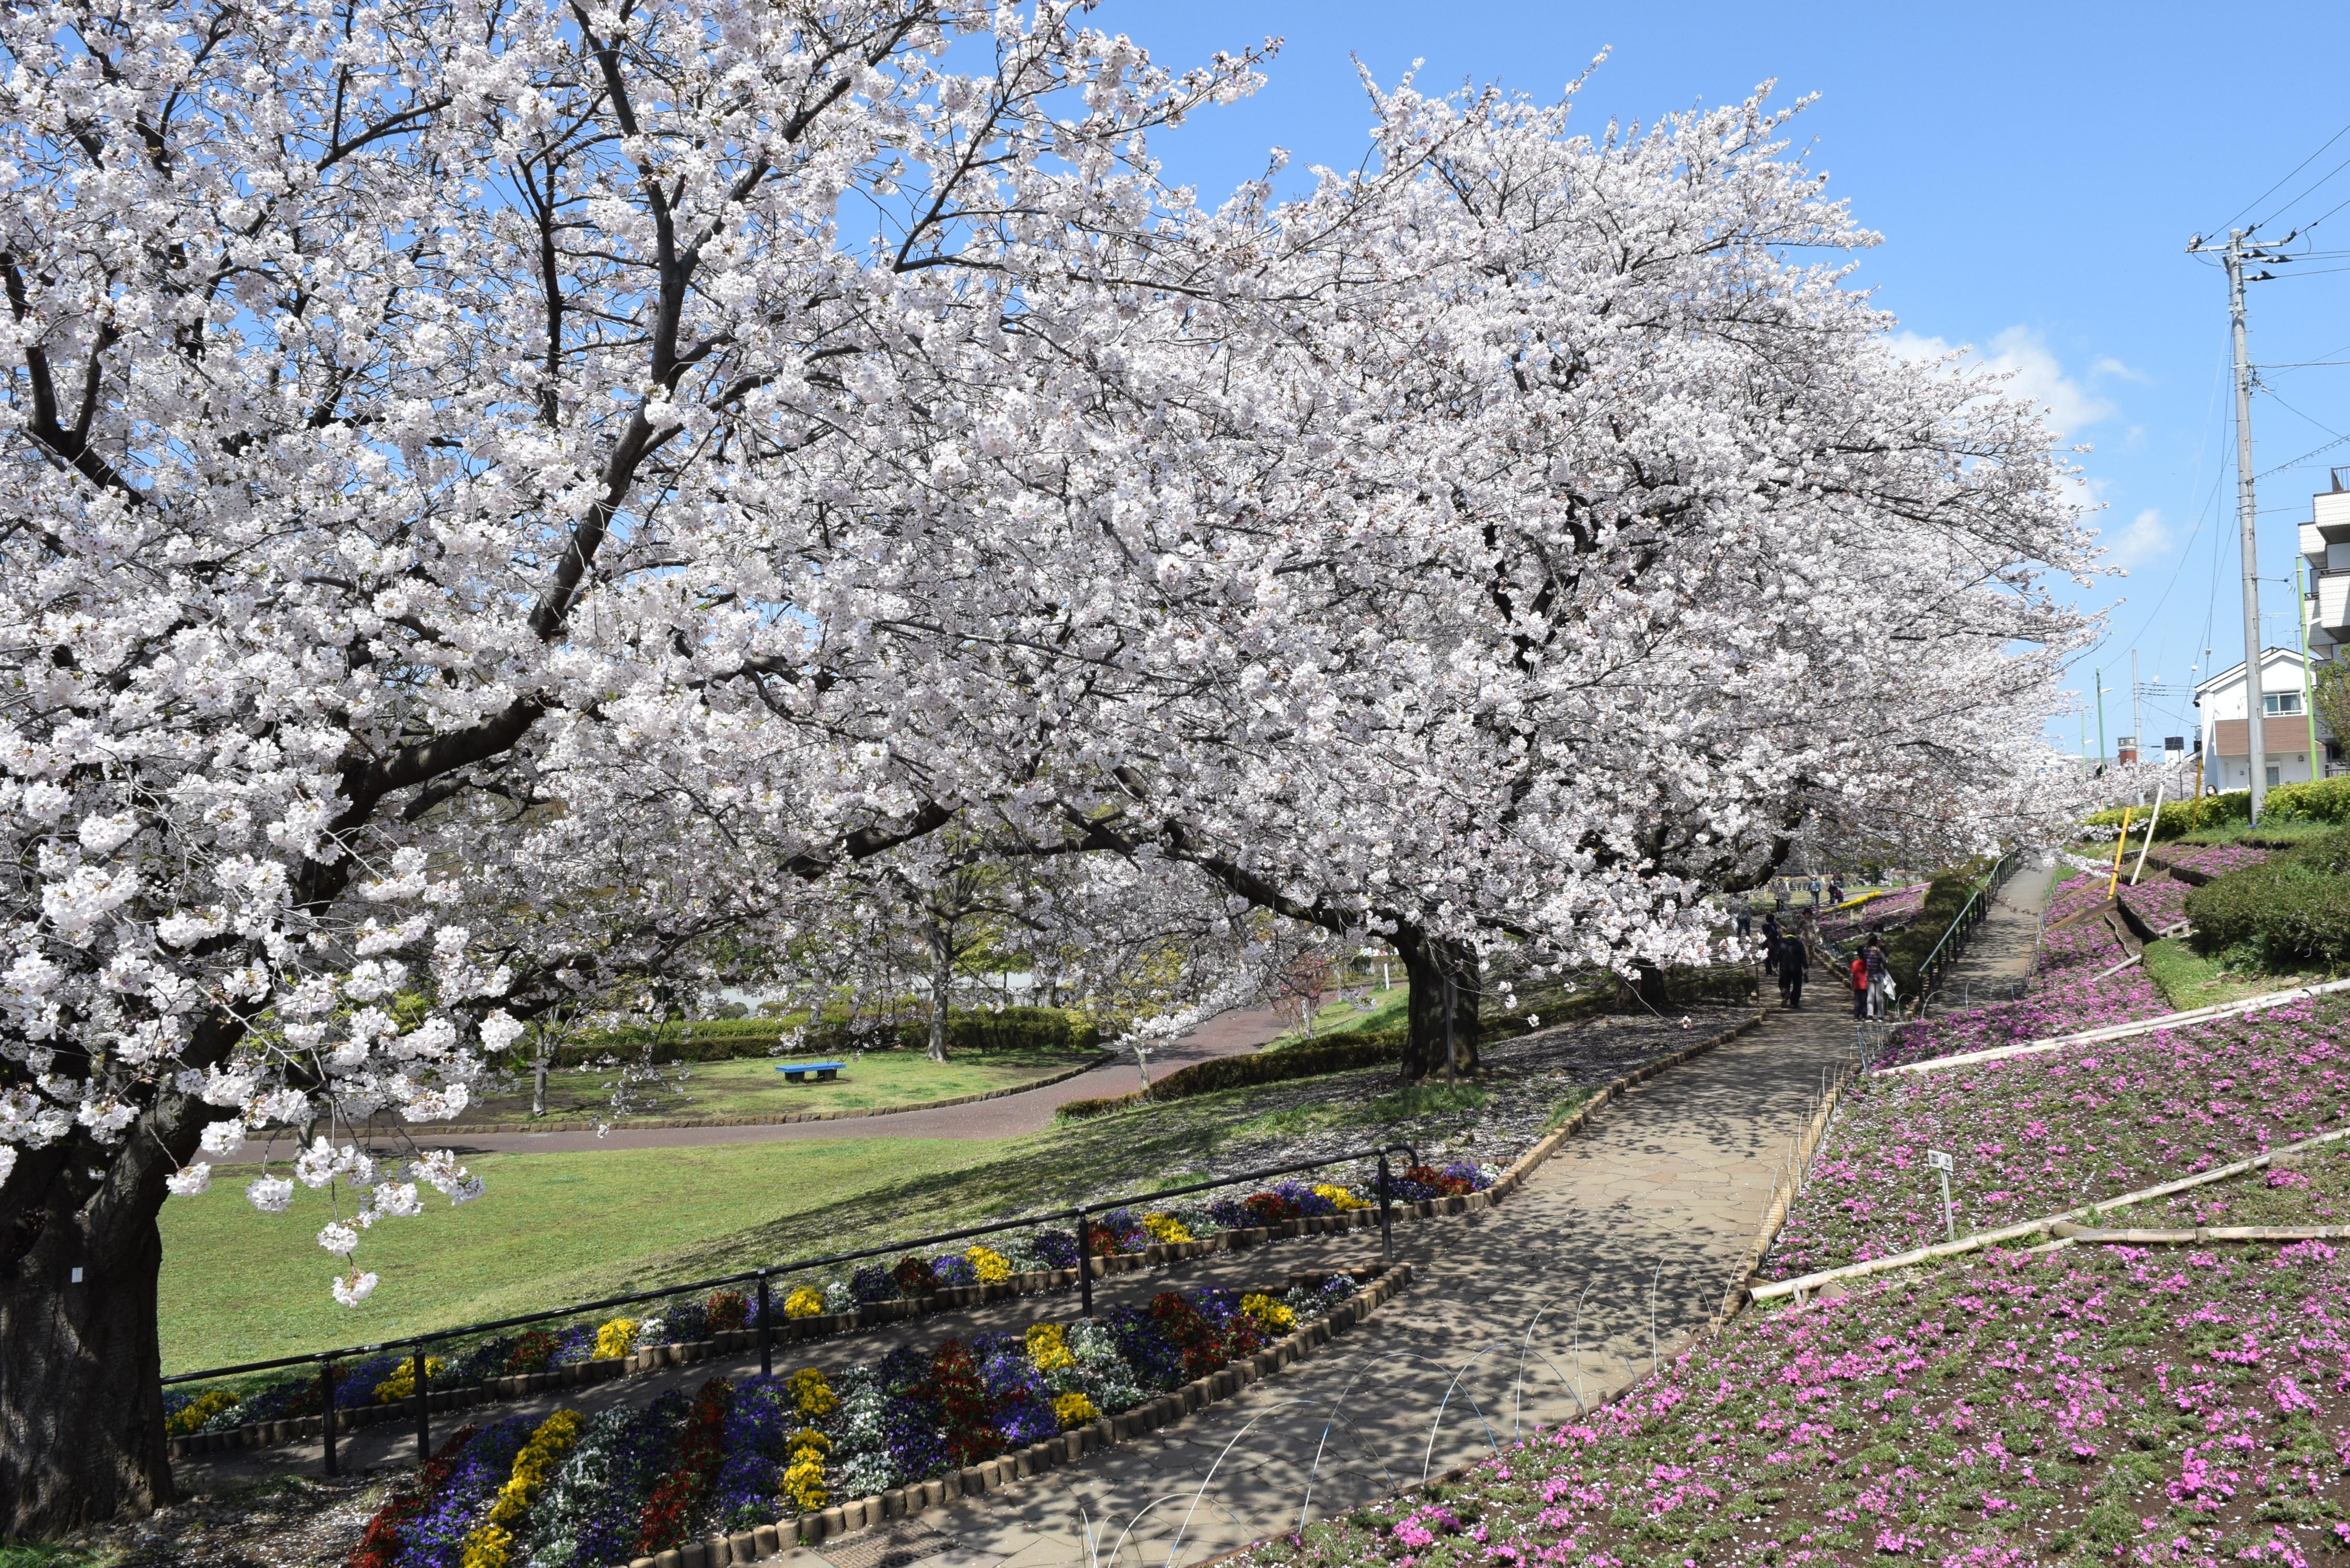 【駅近×自然暮らしレポ】都内から45分〝お花見できる家〟神奈川・座間「かにが沢公園」隣